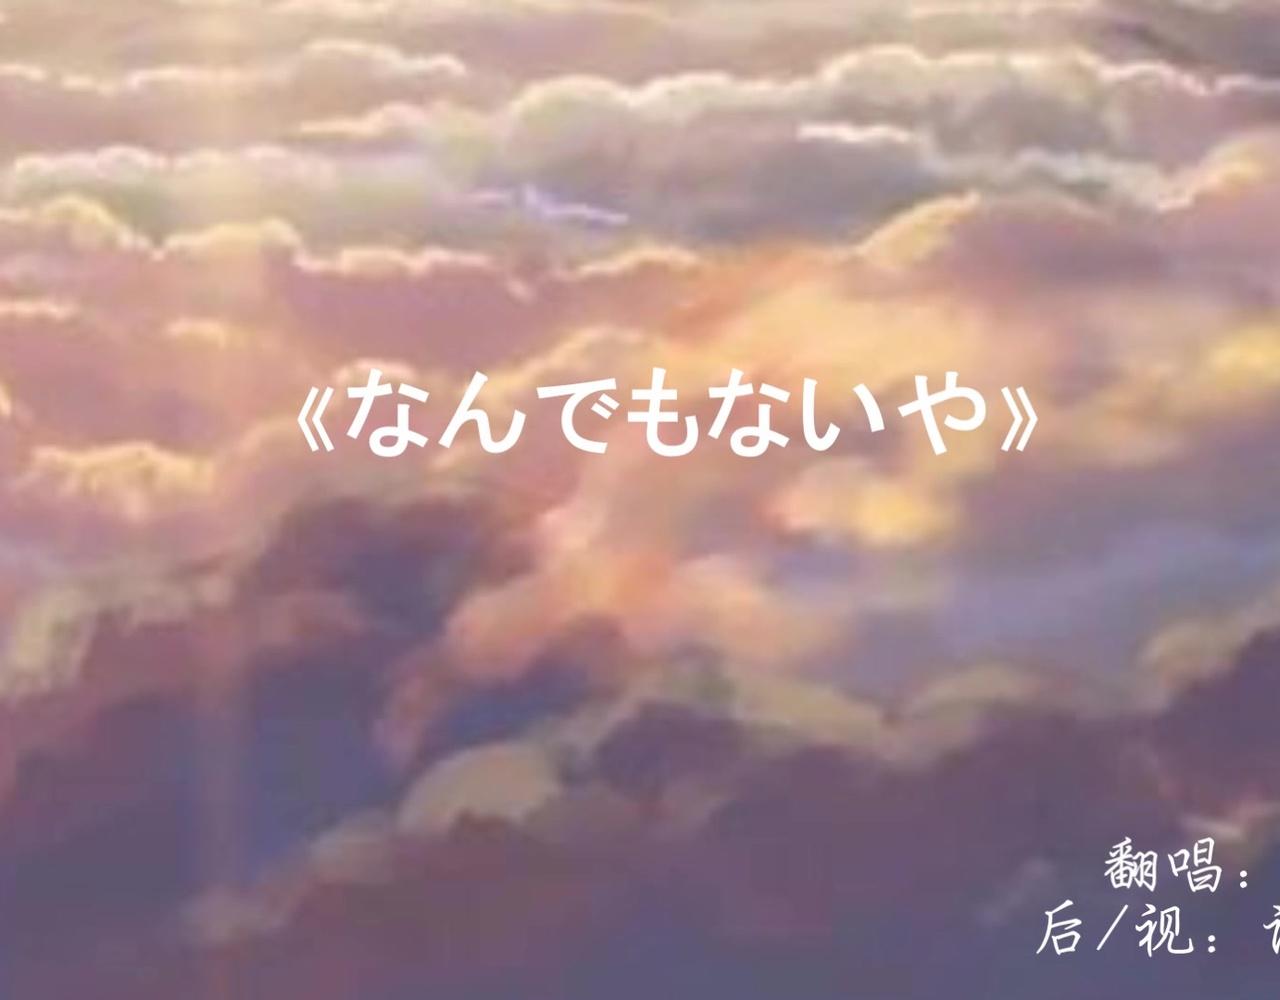 【安叶】后期也救不了的翻唱 没什么大不了